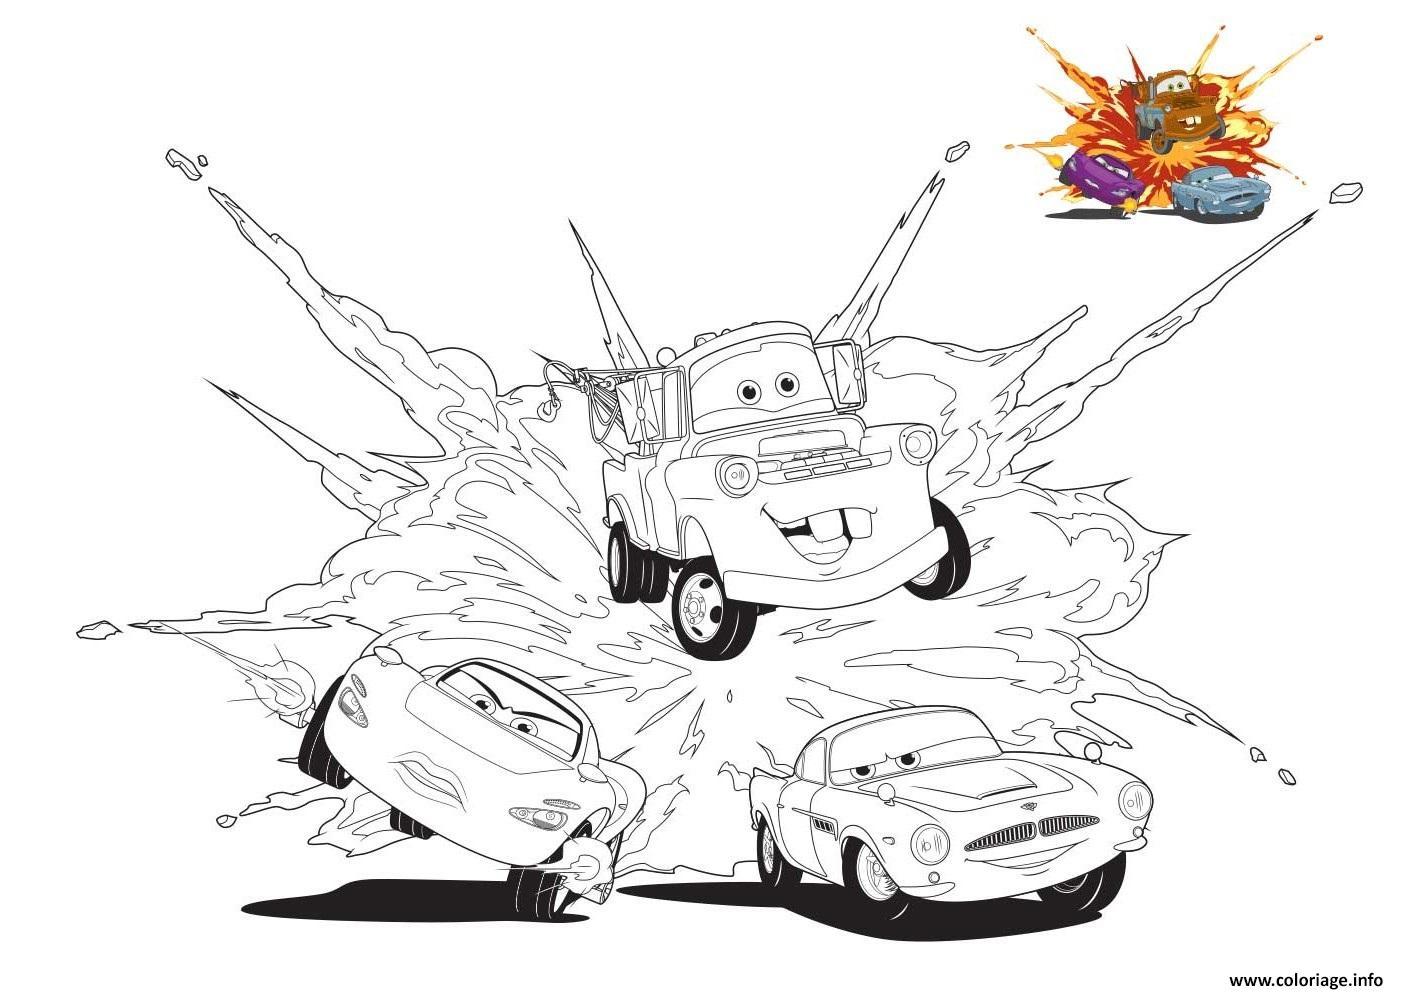 Coloriage Cars 3 Competition Cour Se Rapide Voiture Dessin Cars A Imprimer